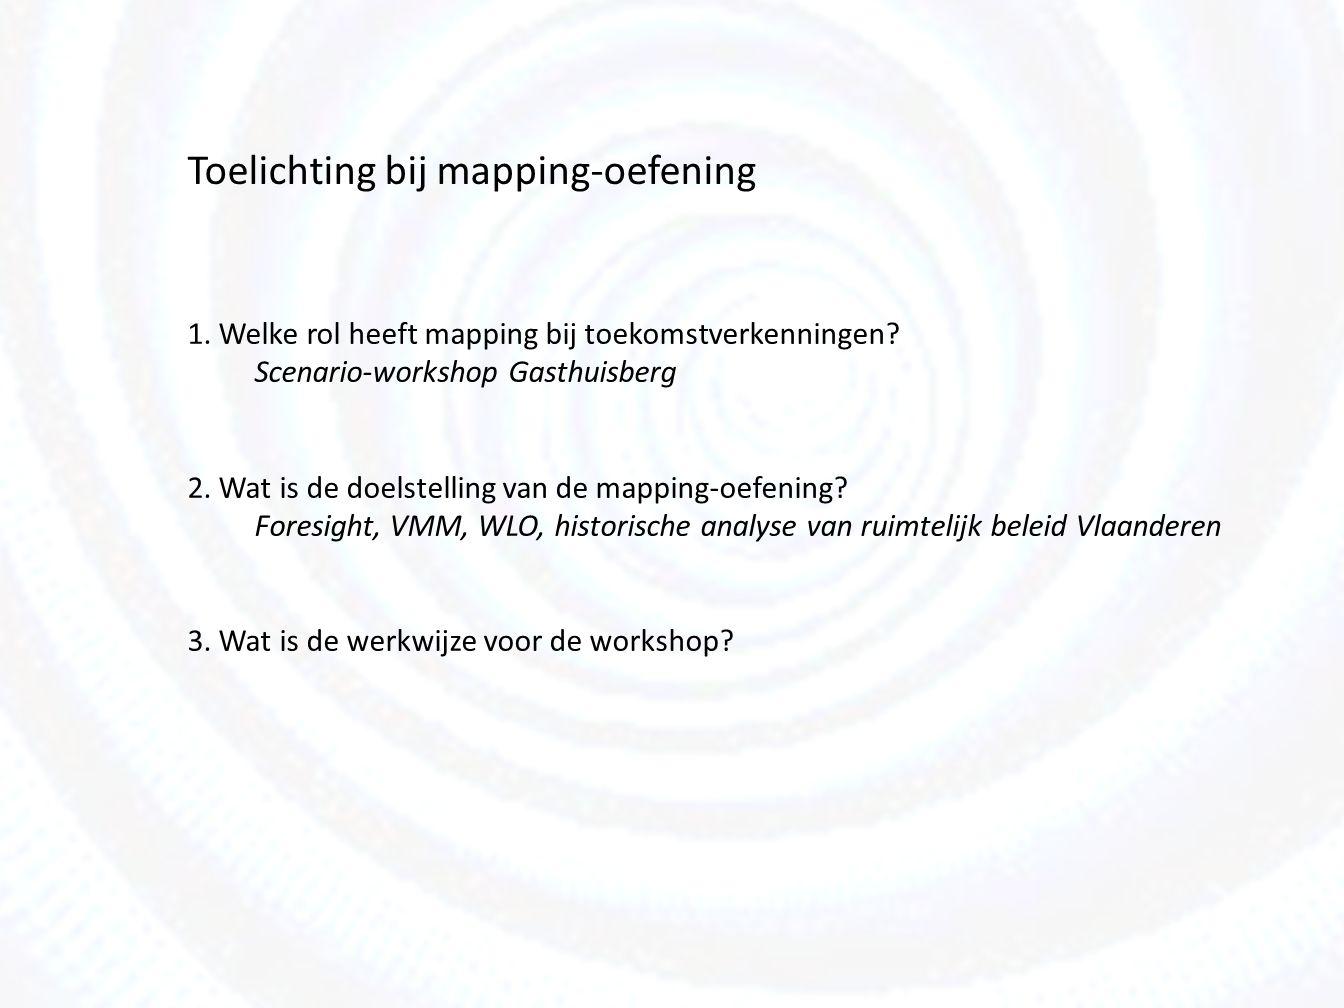 Mapping als onderdeel van toekomstverkenningen (1)Mapping Longlist van factoren in de contextuele en transactionele omgeving, Voorgesteld als systeemkaart (onderlinge relaties, clusters) (2) Sleutelonzekerheden Selectie van factoren met hoge impact en hoge onzekerheid Voor het ontwerp van een scenarisch kader (3) Scenario's Variaties van de context ( verschillende wereldbeelden) (4) Strategiebepaling voor specifieke vraagstukken (5) Test-tunnel Testen van strategieën in verschillende scenario's Voorgesteld als matrix (strategieën/ scenario's) SCEN 1SCEN 2SCEN 3SCEN 4 L1 L2 L3 E1 E2 E3